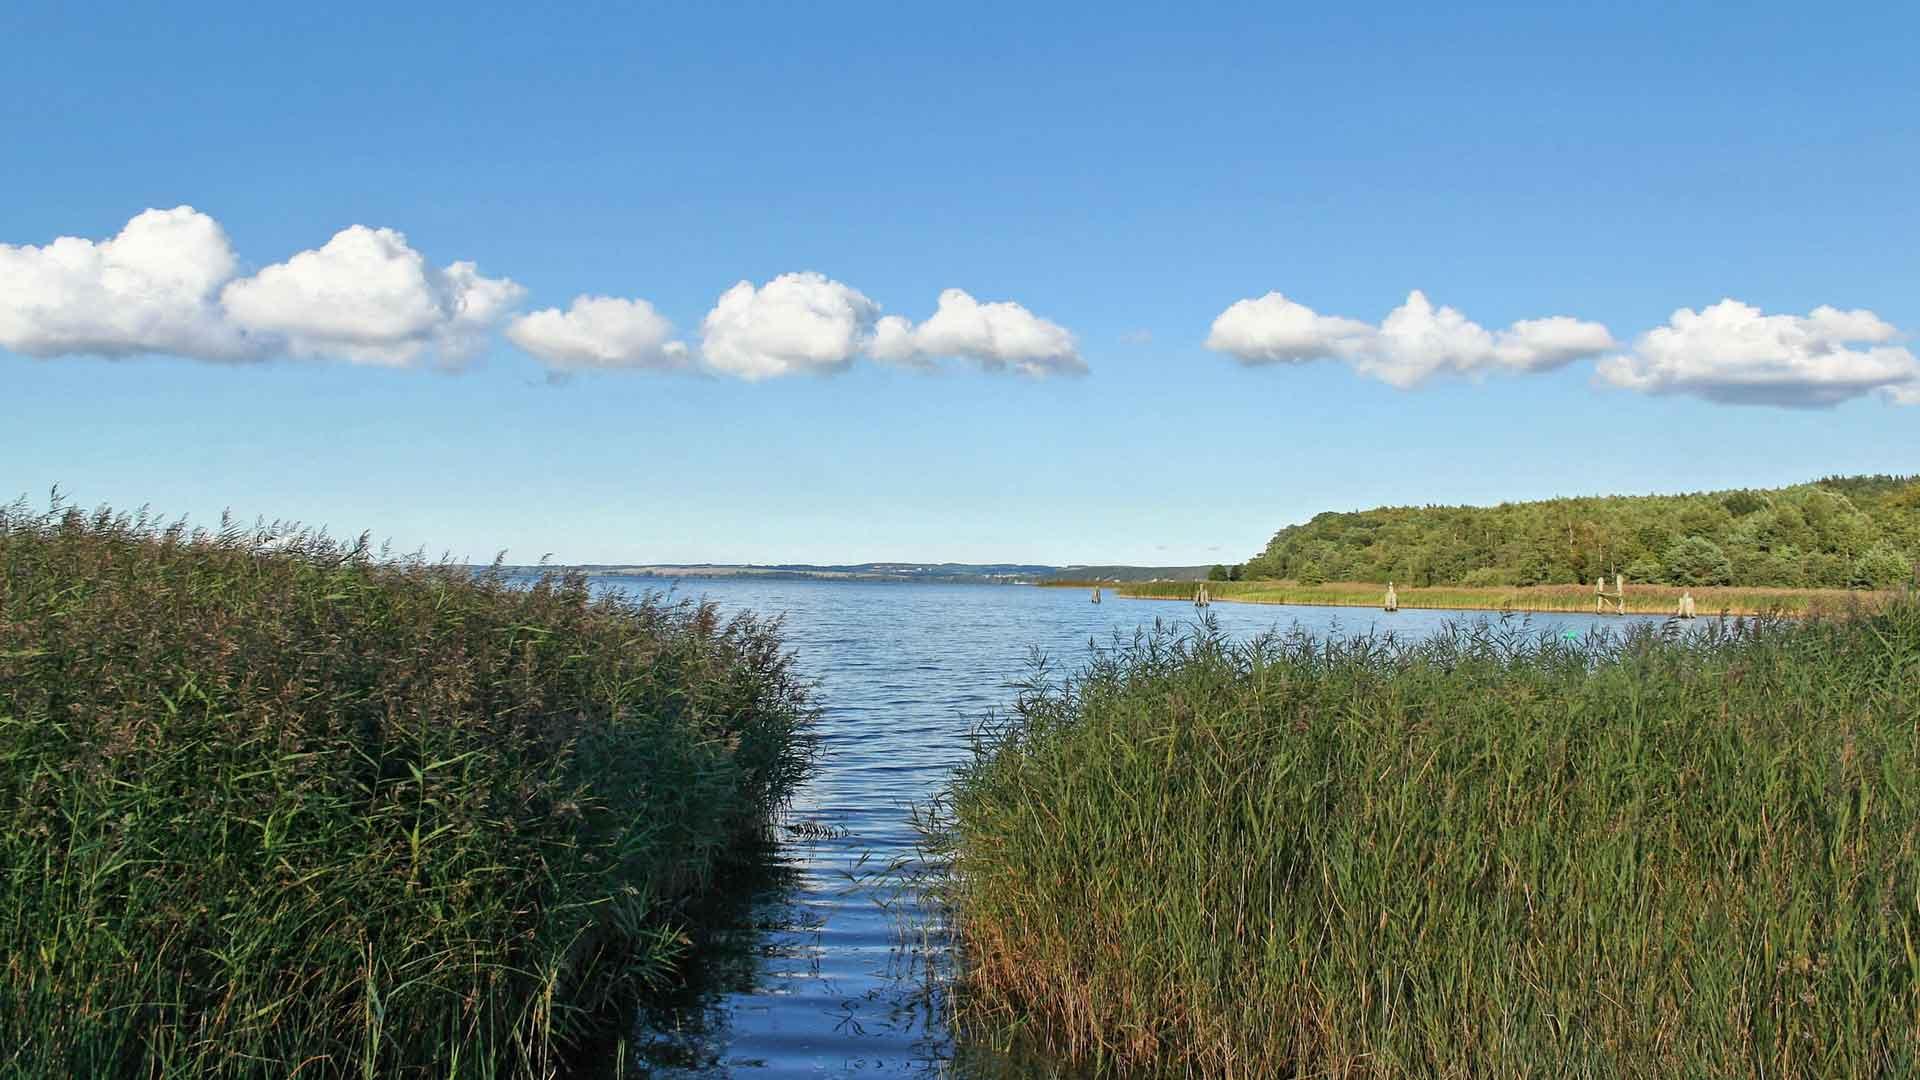 Het unieke Boddenlandschap van Mecklenburg-Vorpommern